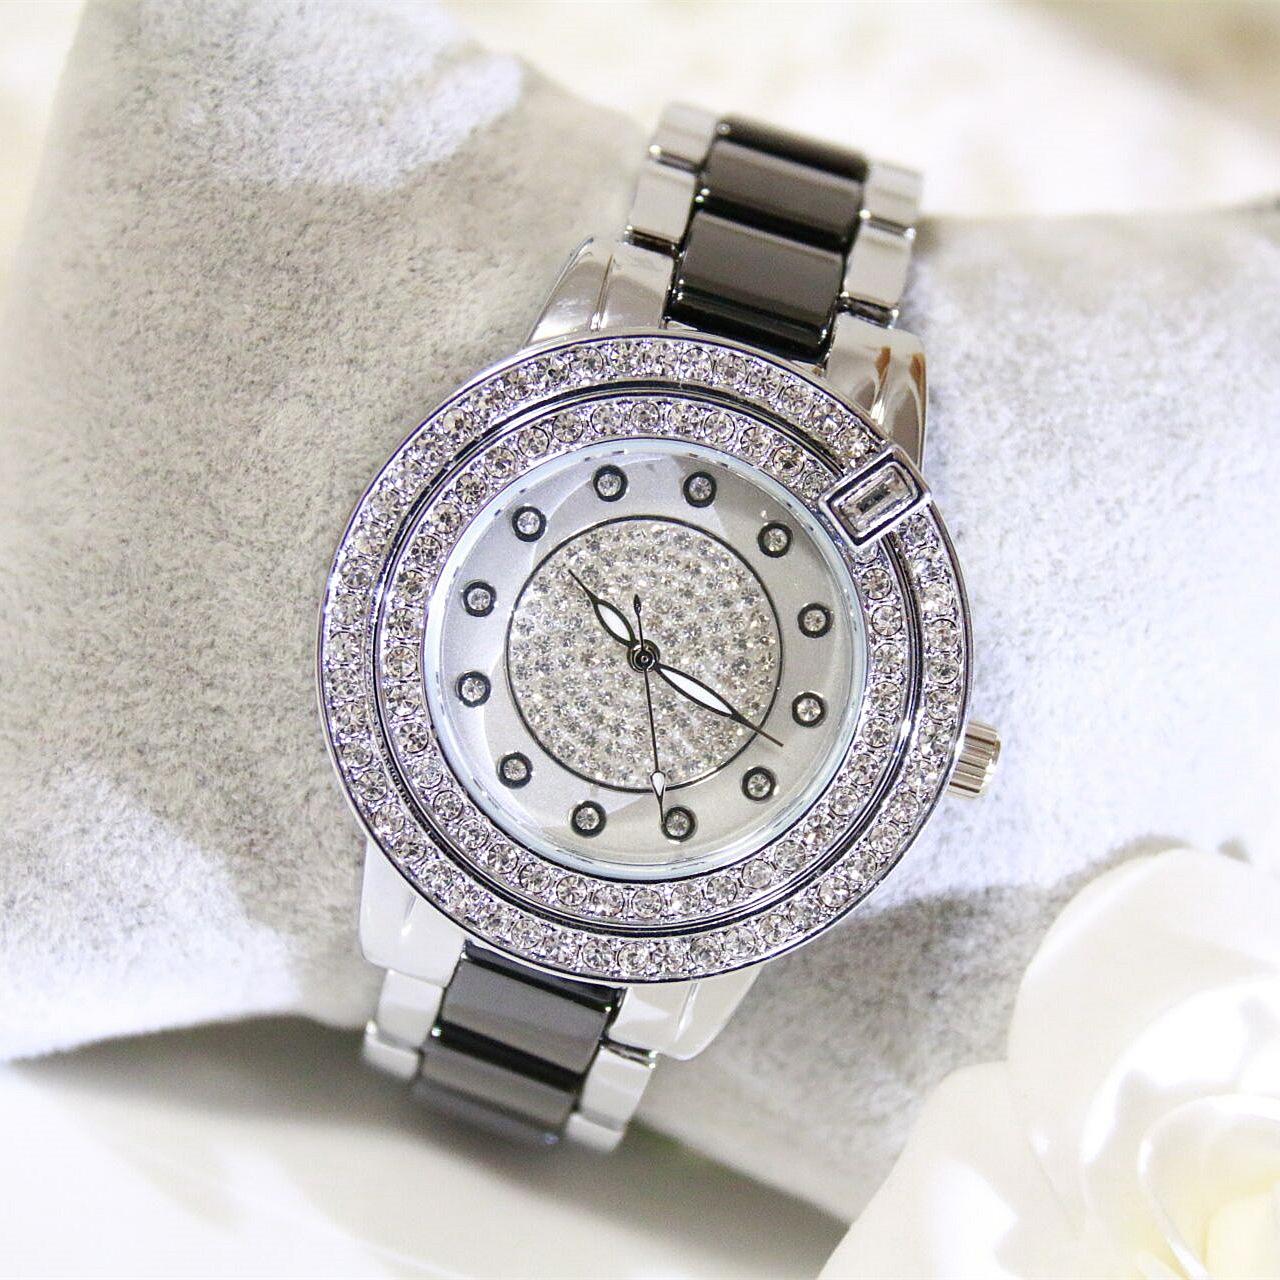 Новый BS подлинный двойное кольцо ручная дрель стол горный хрусталь мисс наручные часы полный алмазов полоса модные тенденции женская форма